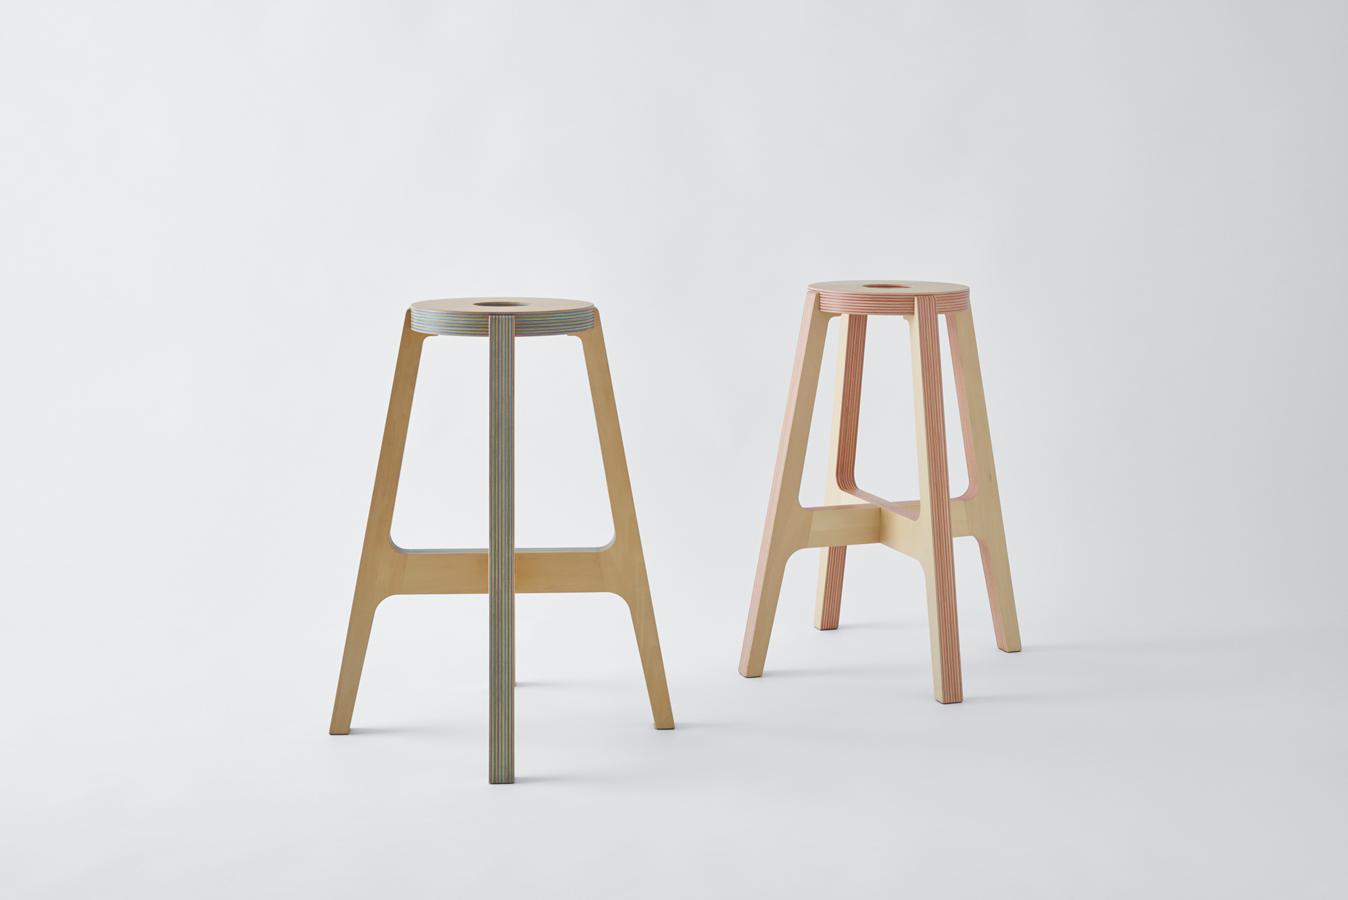 PW stool